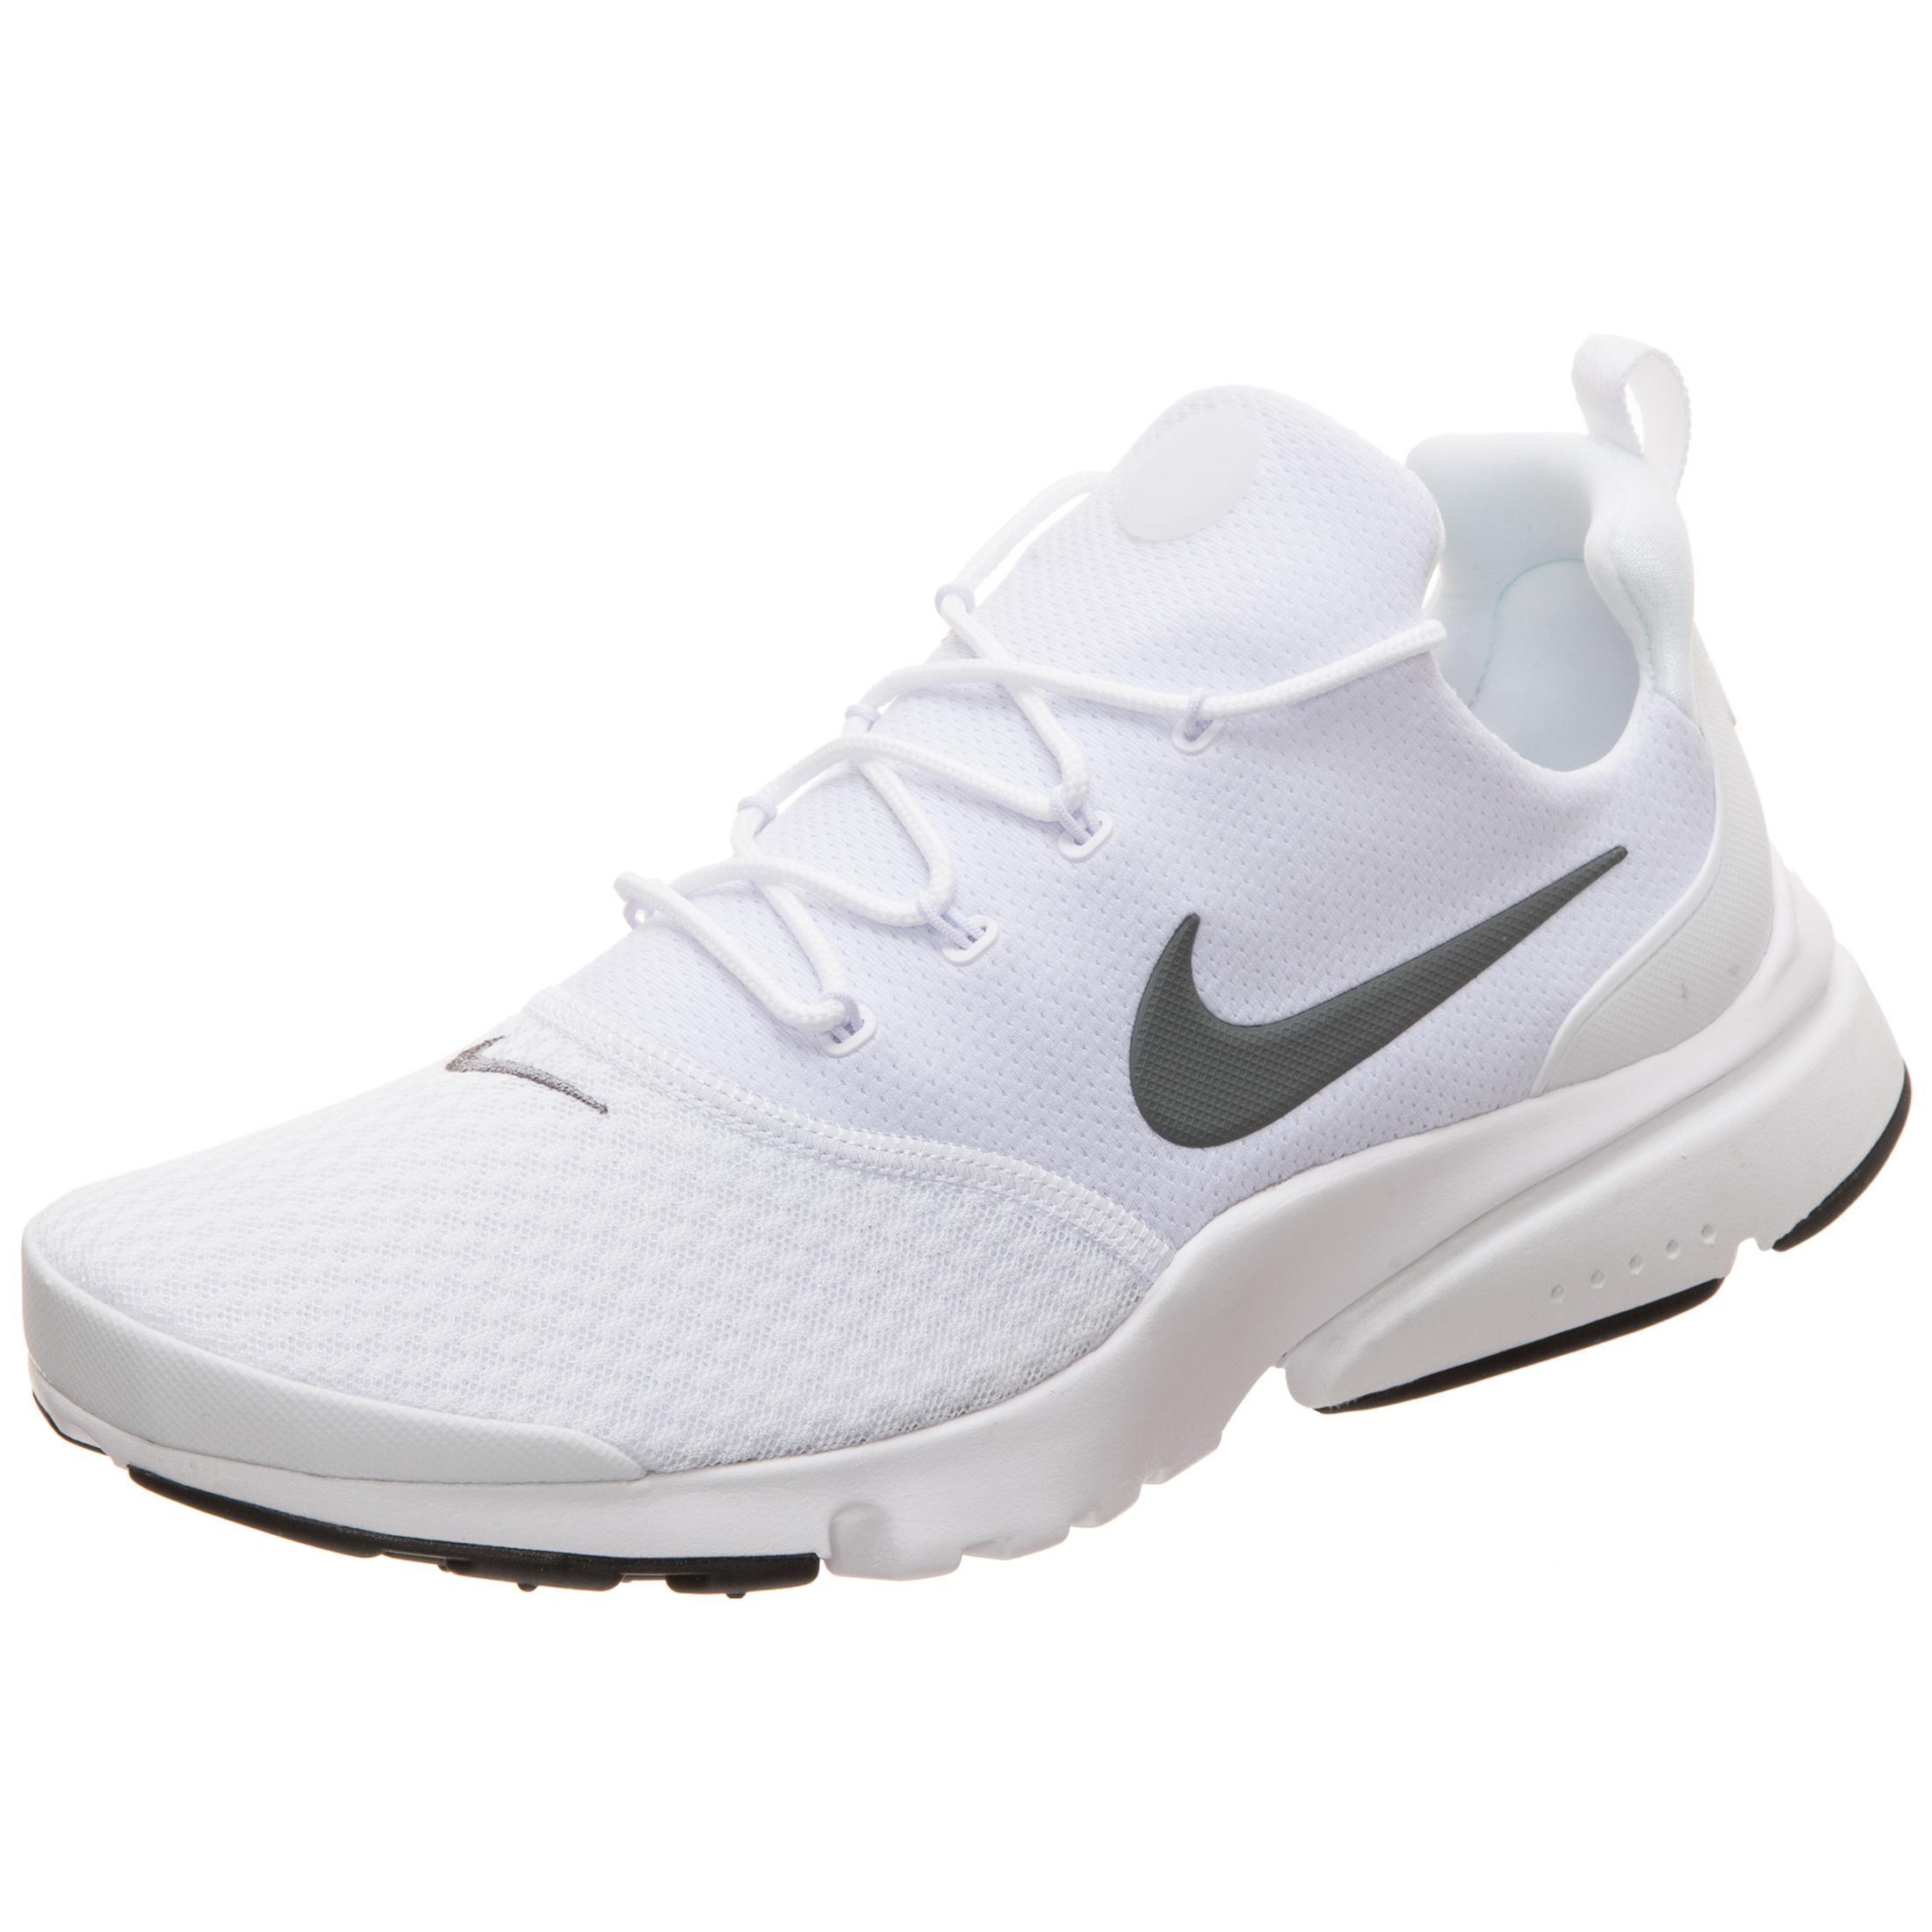 Nike Air Presto Fly SE Sneaker Herren weiß / grau im Online Shop von  SportScheck kaufen